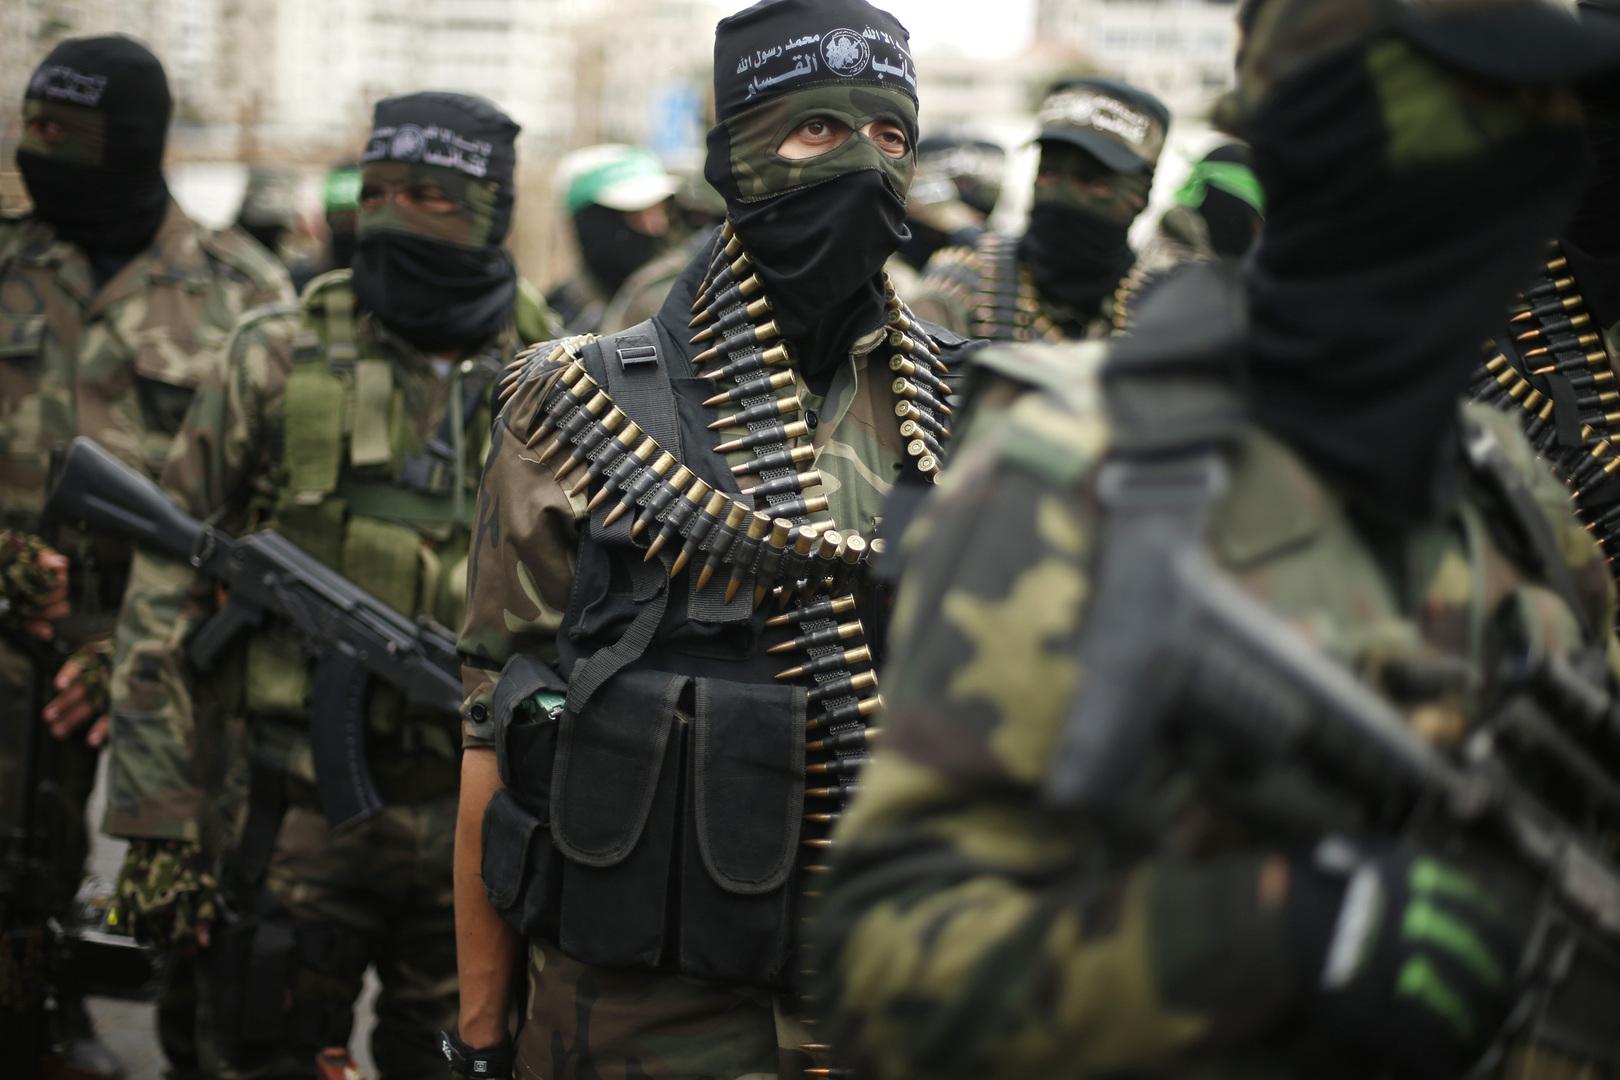 منسق الأسرى الإسرائيليين: التسجيل الذي بثته